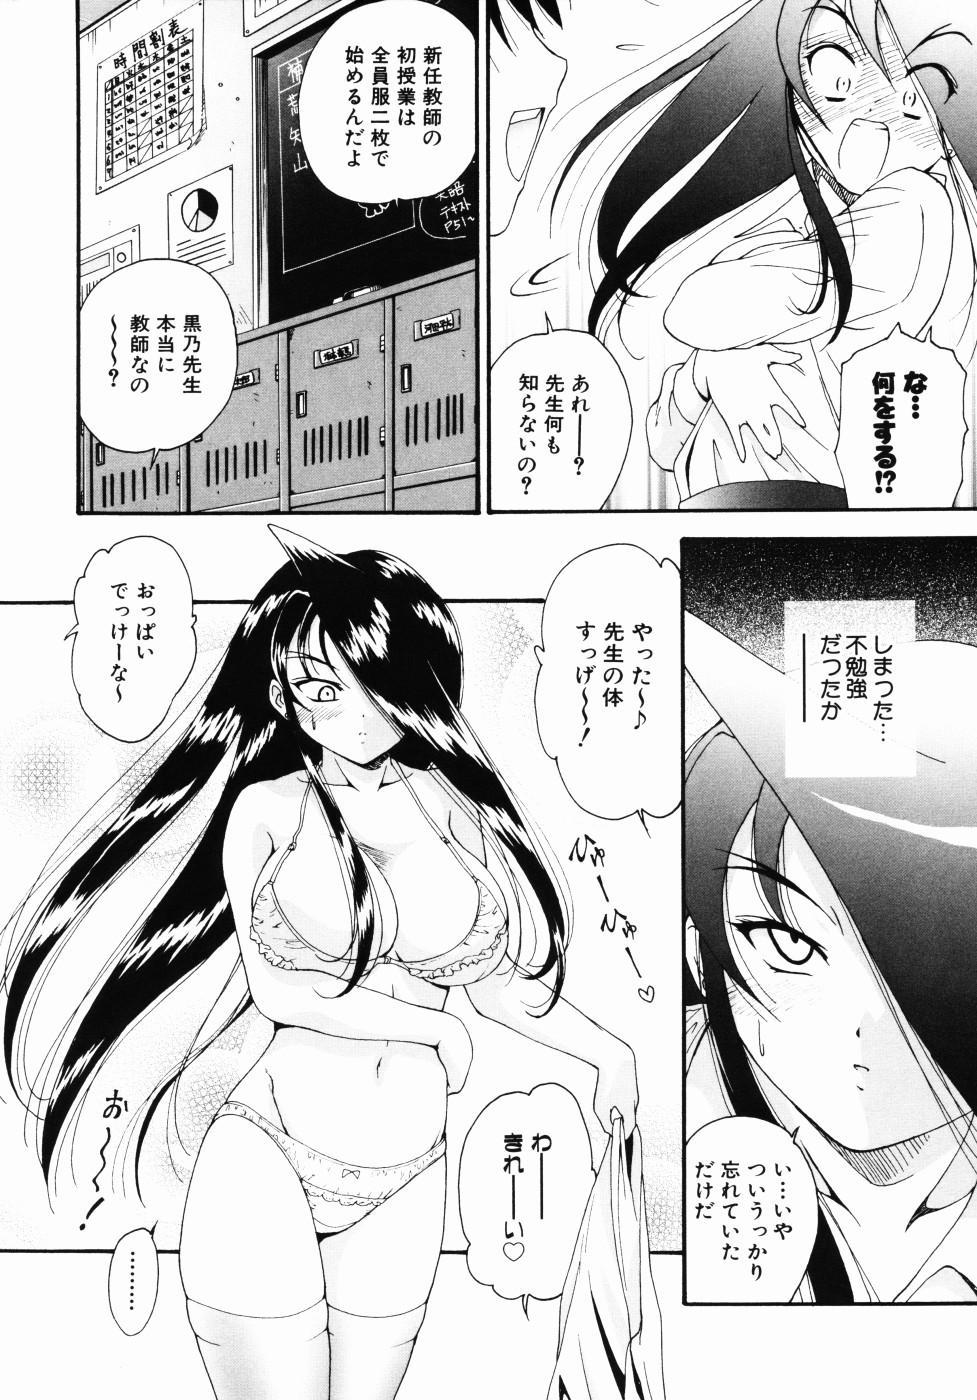 Daikyou Megami 154